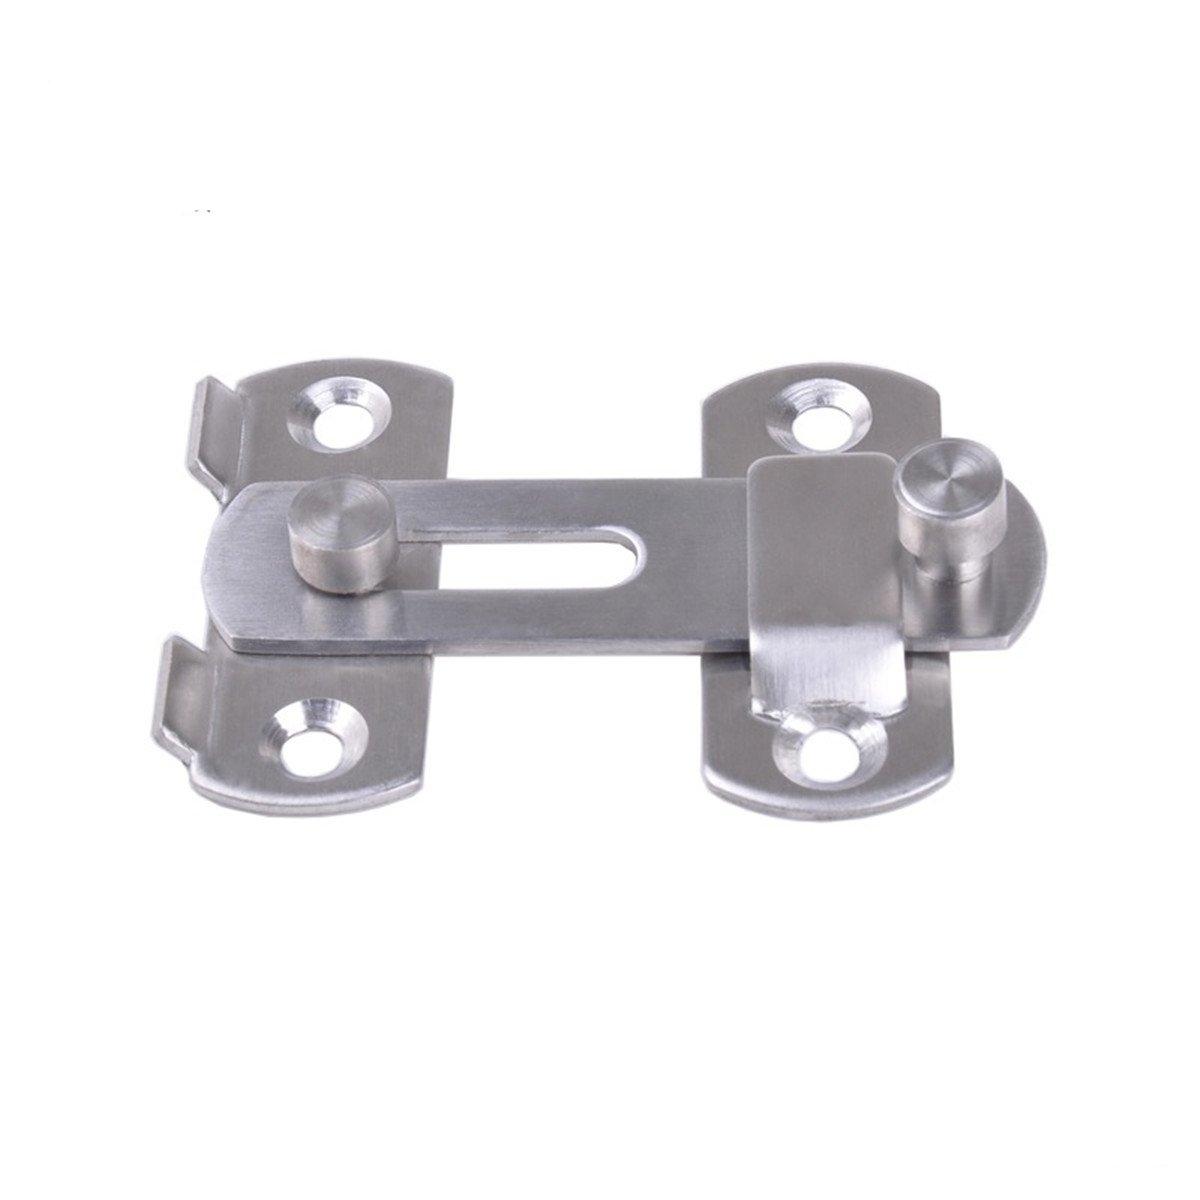 LKXHarleya Stainless Steel Door Lock Latch for Pet Safety Door Lock Cabinet